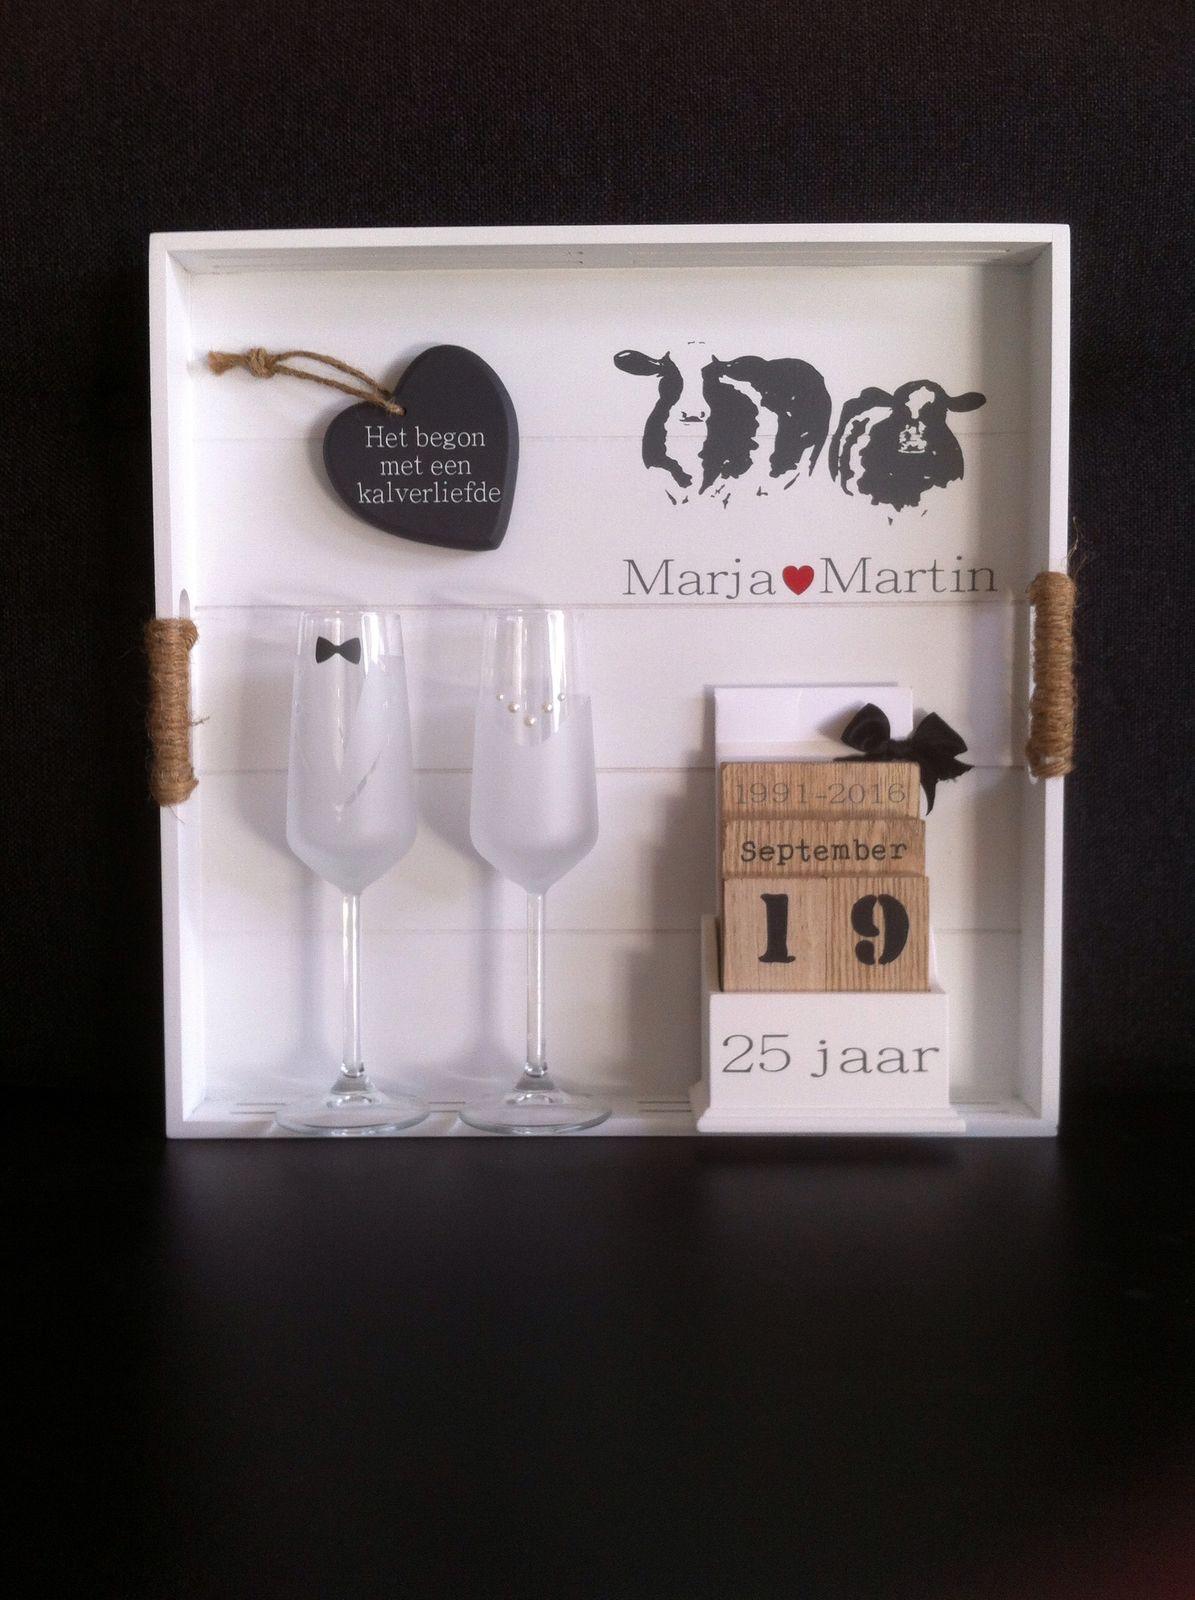 Huwelijk Babett Gespecialiseerd In Gepersonaliseerde Cadeaus